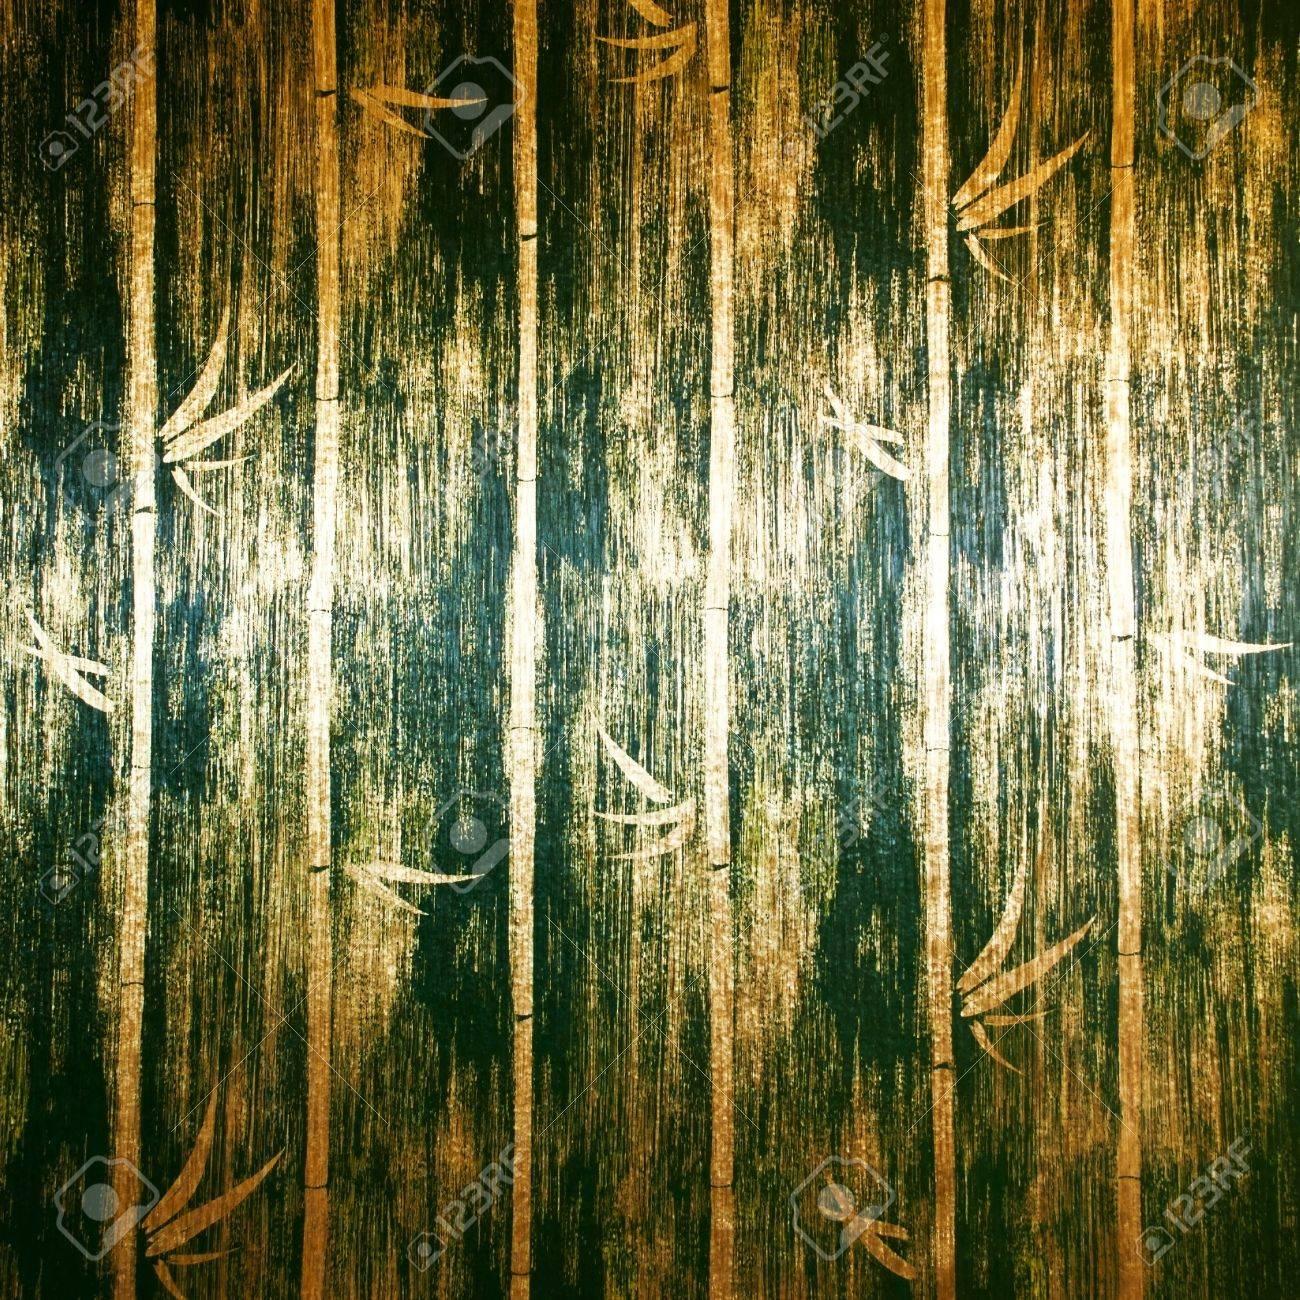 Grune Bambus Wand Textur In Bed Zimmer Thai Lana Stil Lizenzfreie